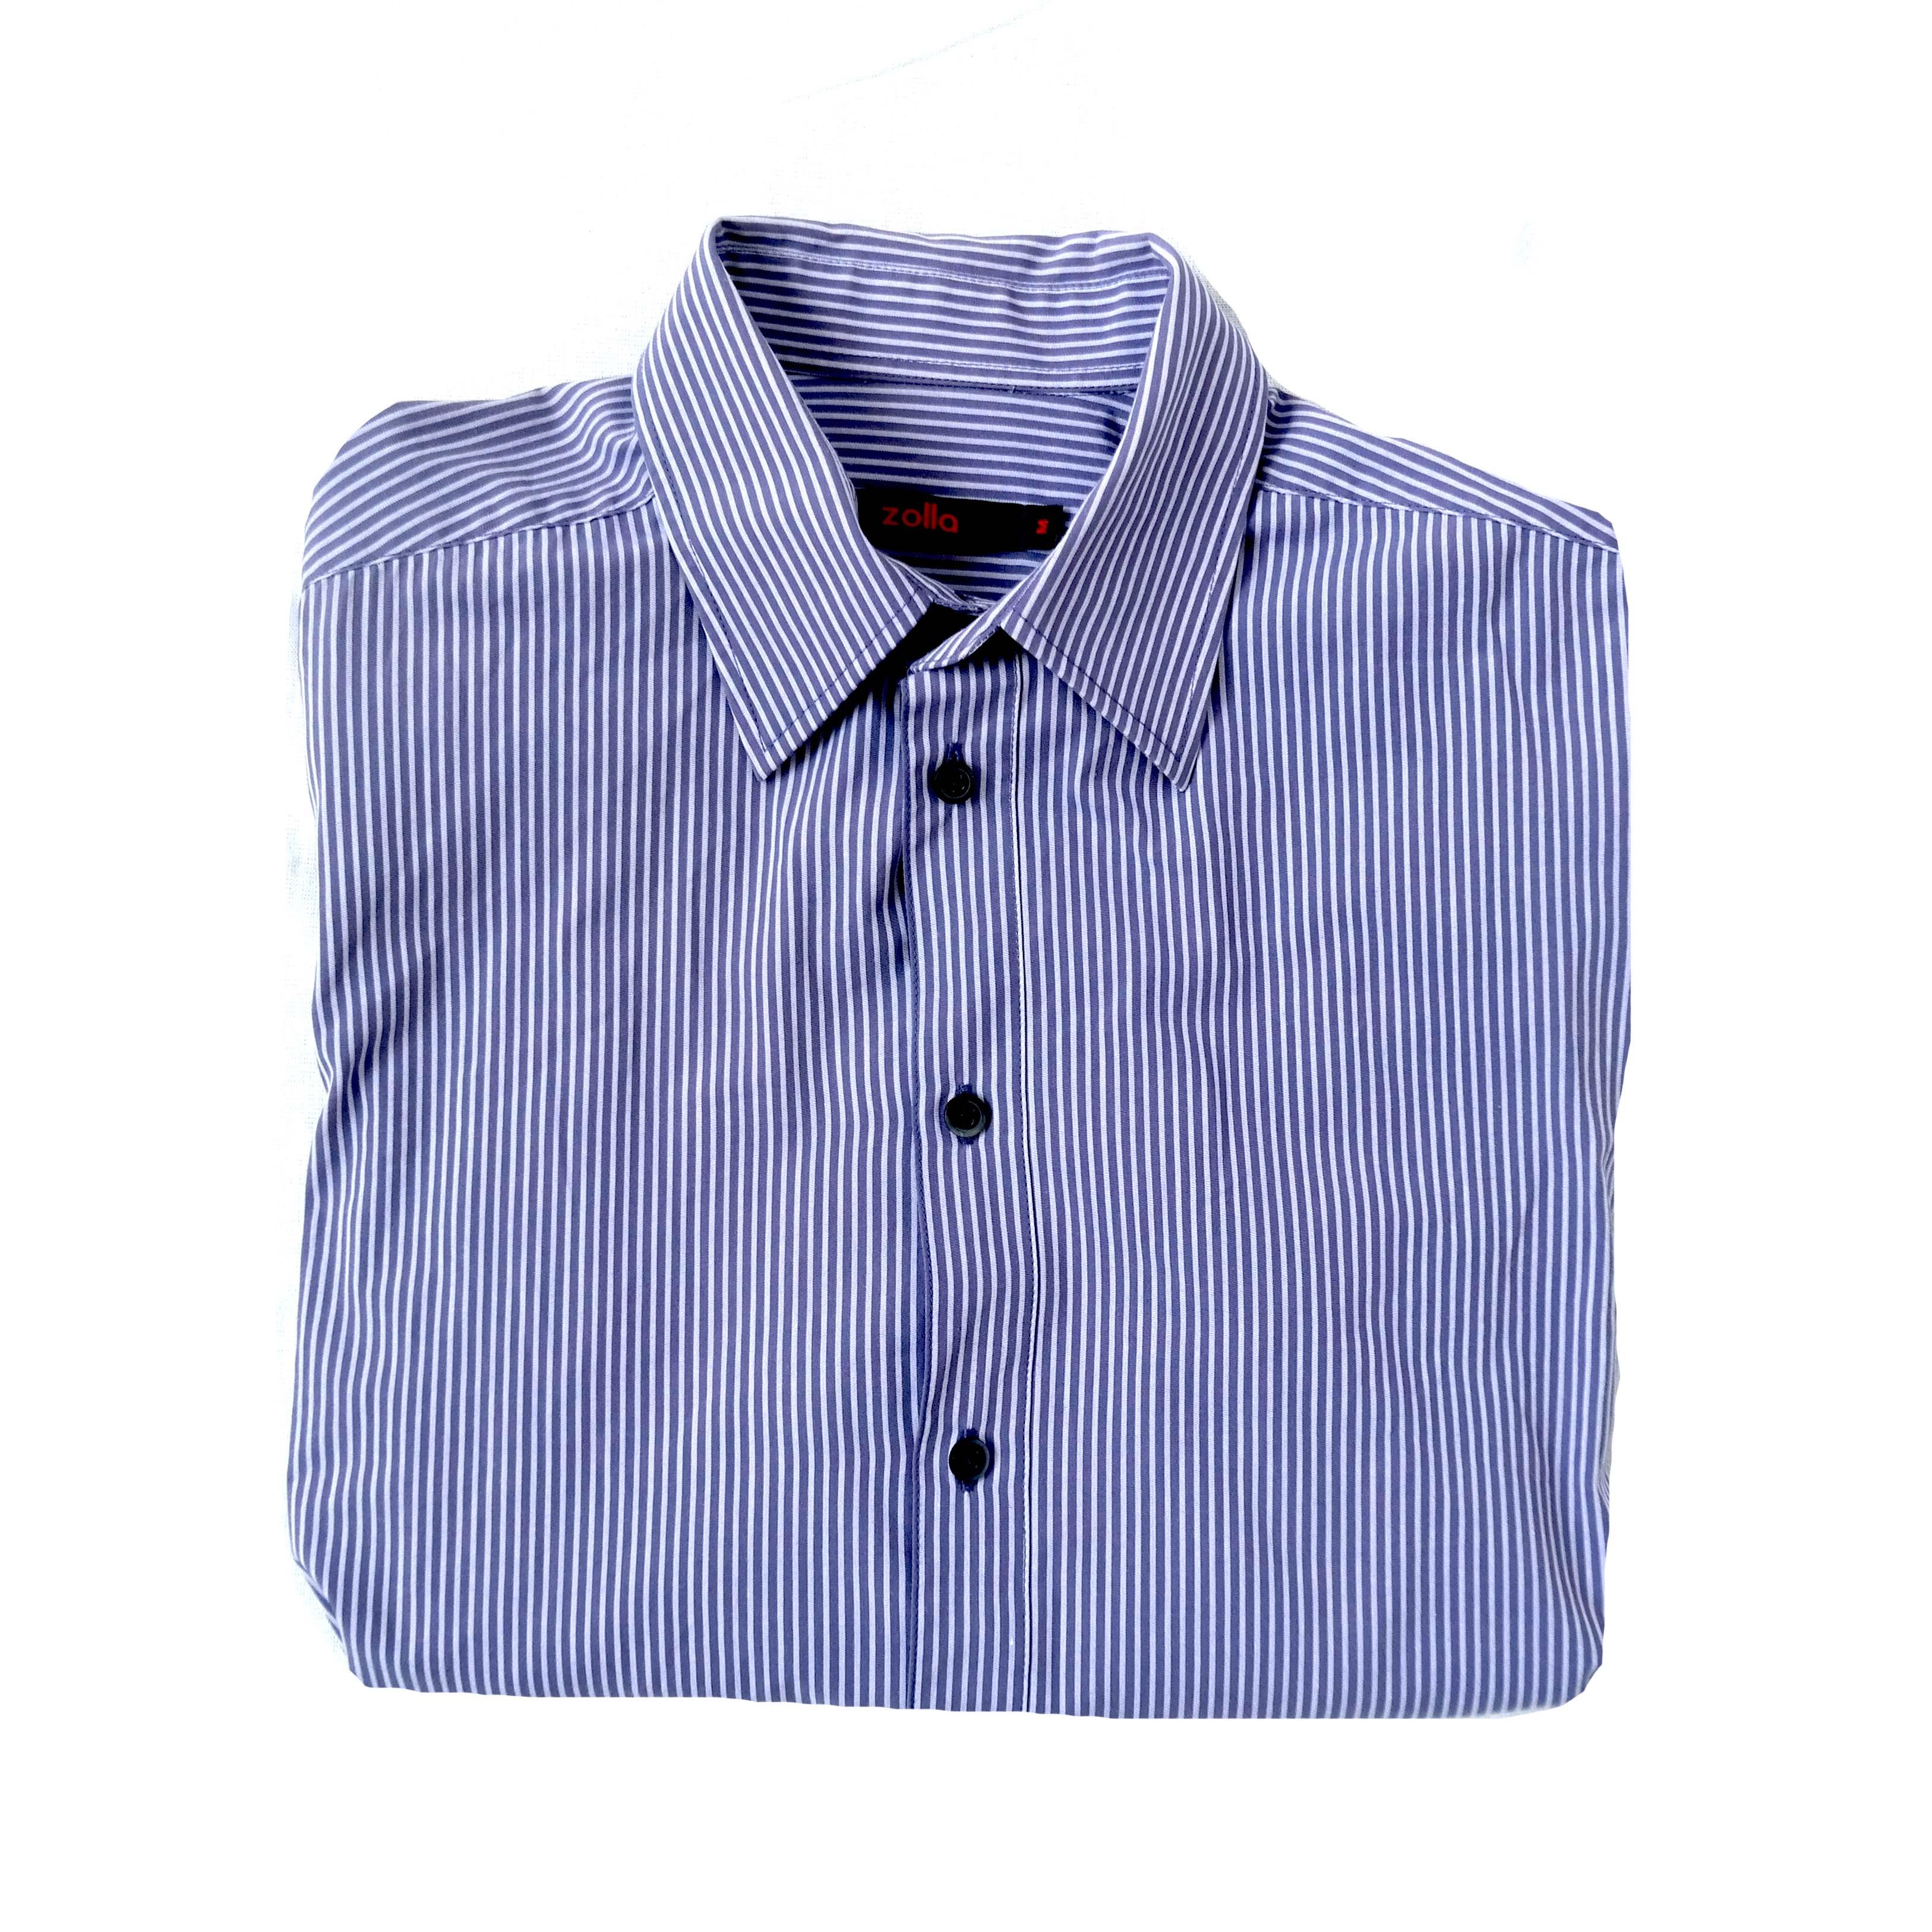 Мужская рубашка в мелкий рубчик с коротким рукавом в Москве